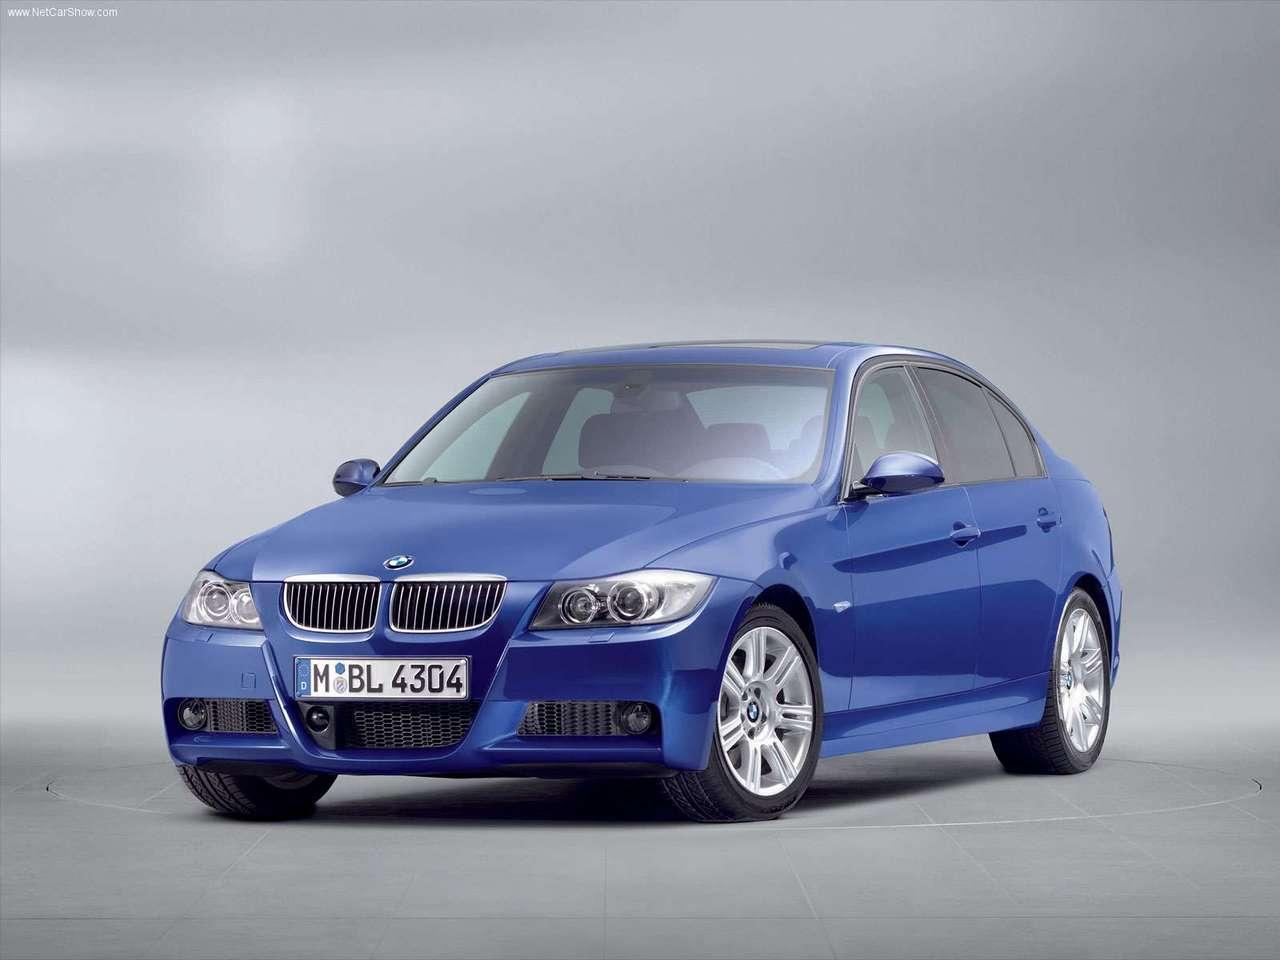 BMW - Auto twenty-first century: 2005 BMW 330i M-Package